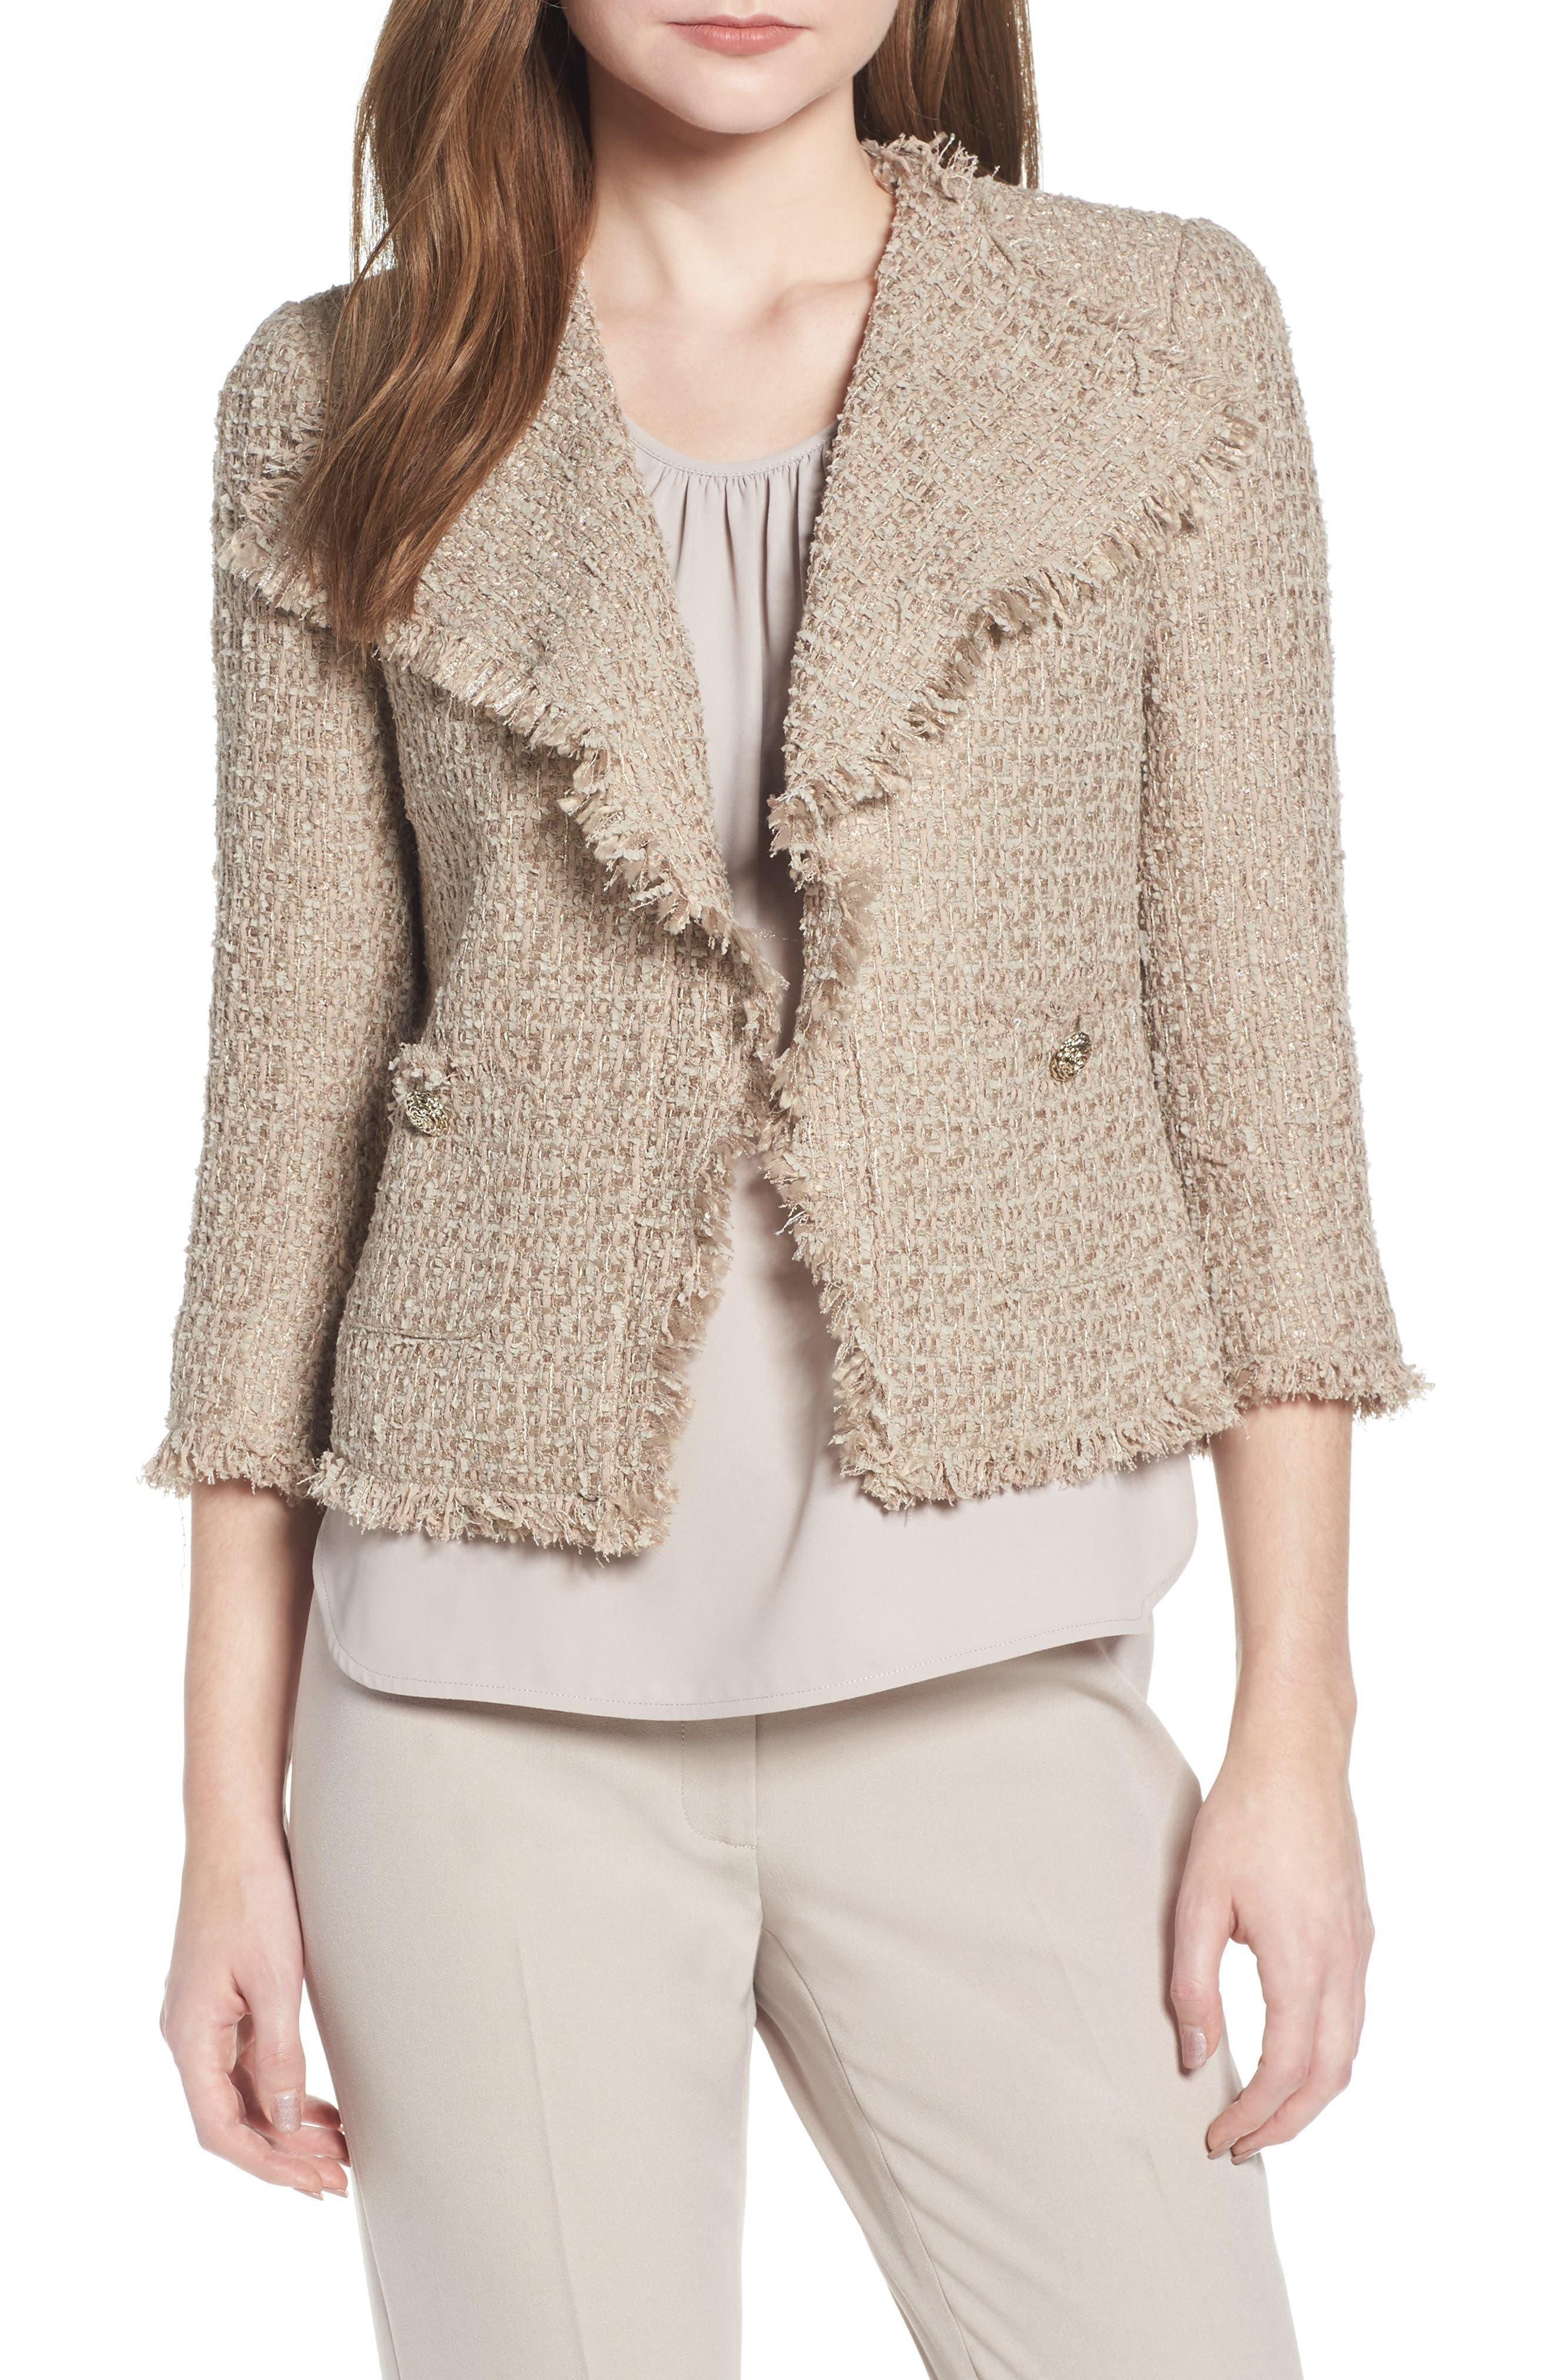 Anne Klein Fringed Tweed Jacket